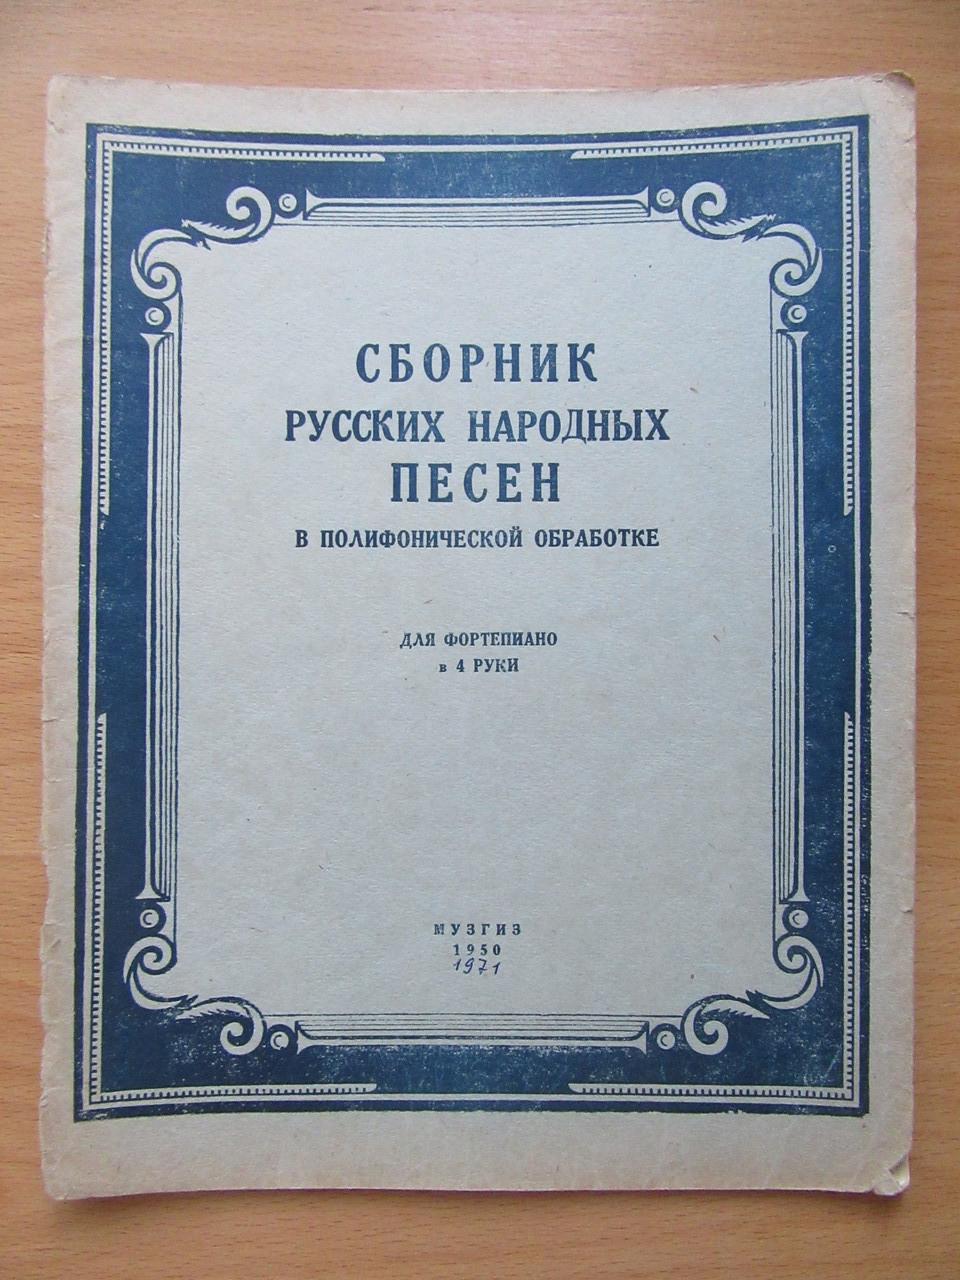 Сборник русских народных песен в полифонической обработке для фортепиано в 4 руки. 1950г